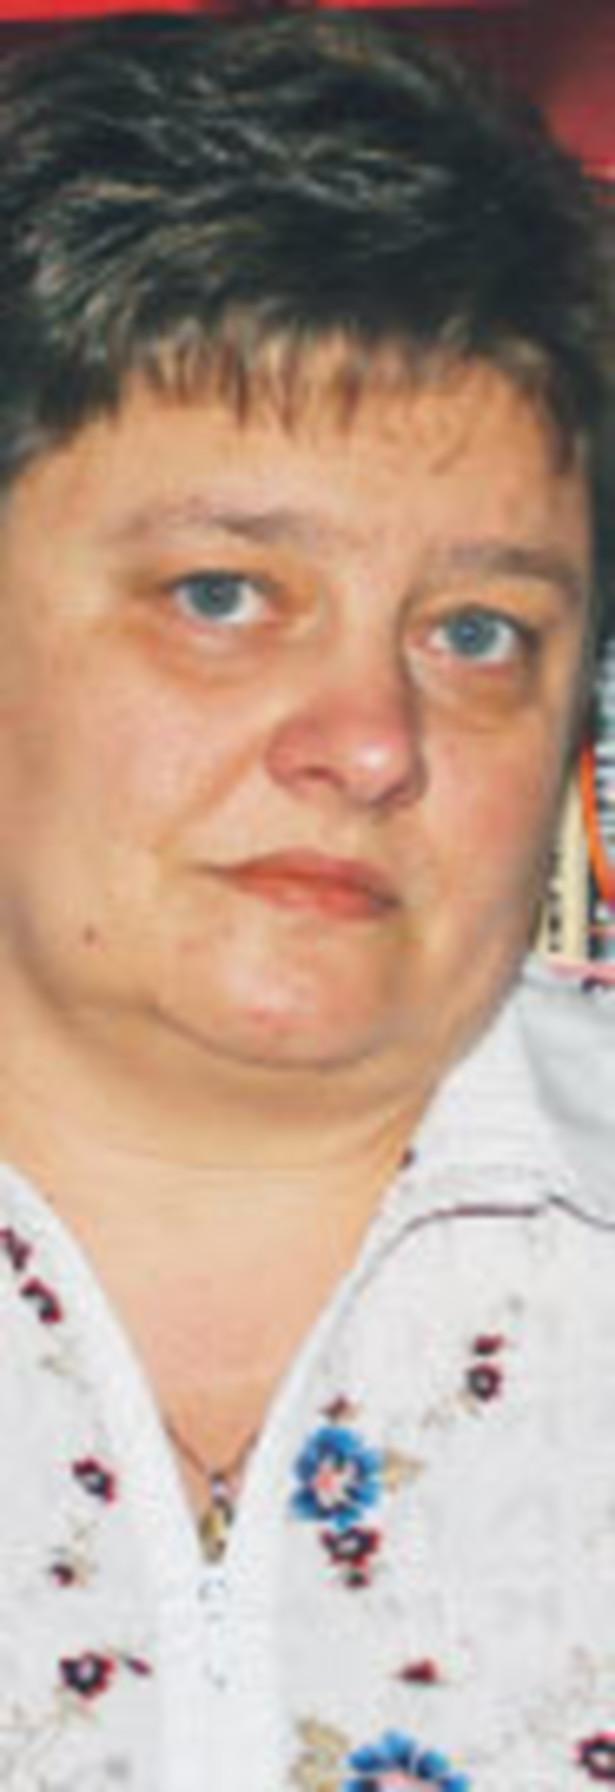 Alicja Rumpel, rzecznik patentowy z Kancelarii Patentowej Federowicz i Rumpel